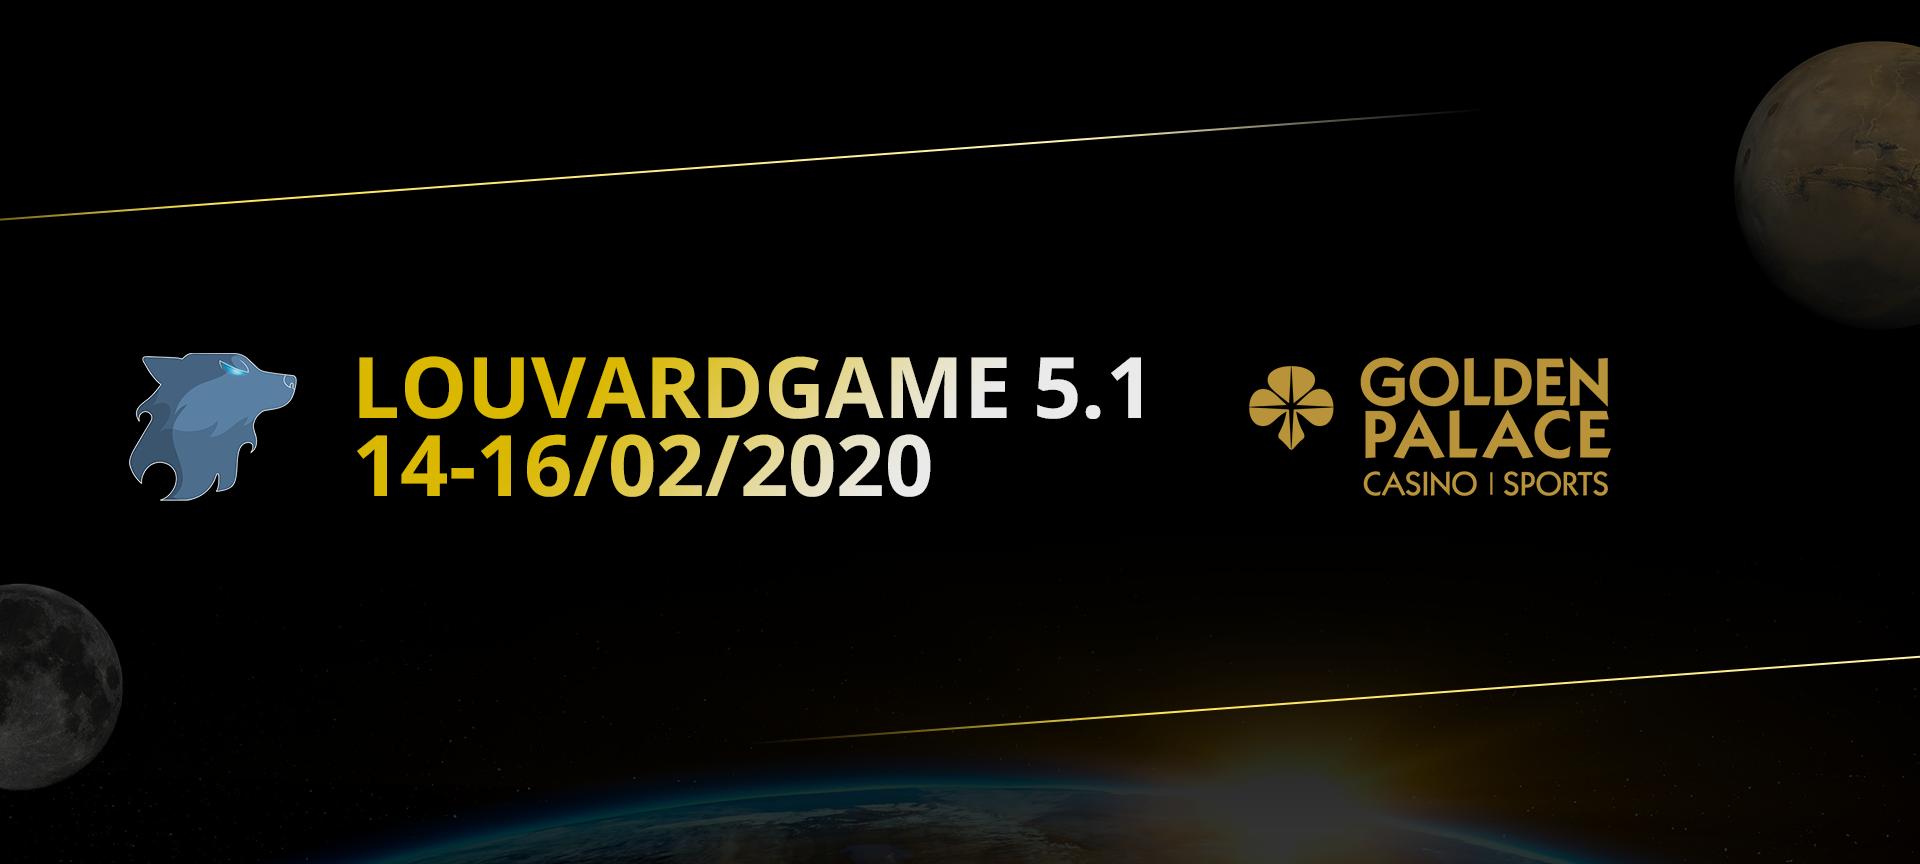 LouvardGame 5.1 - 14-16/02/2020